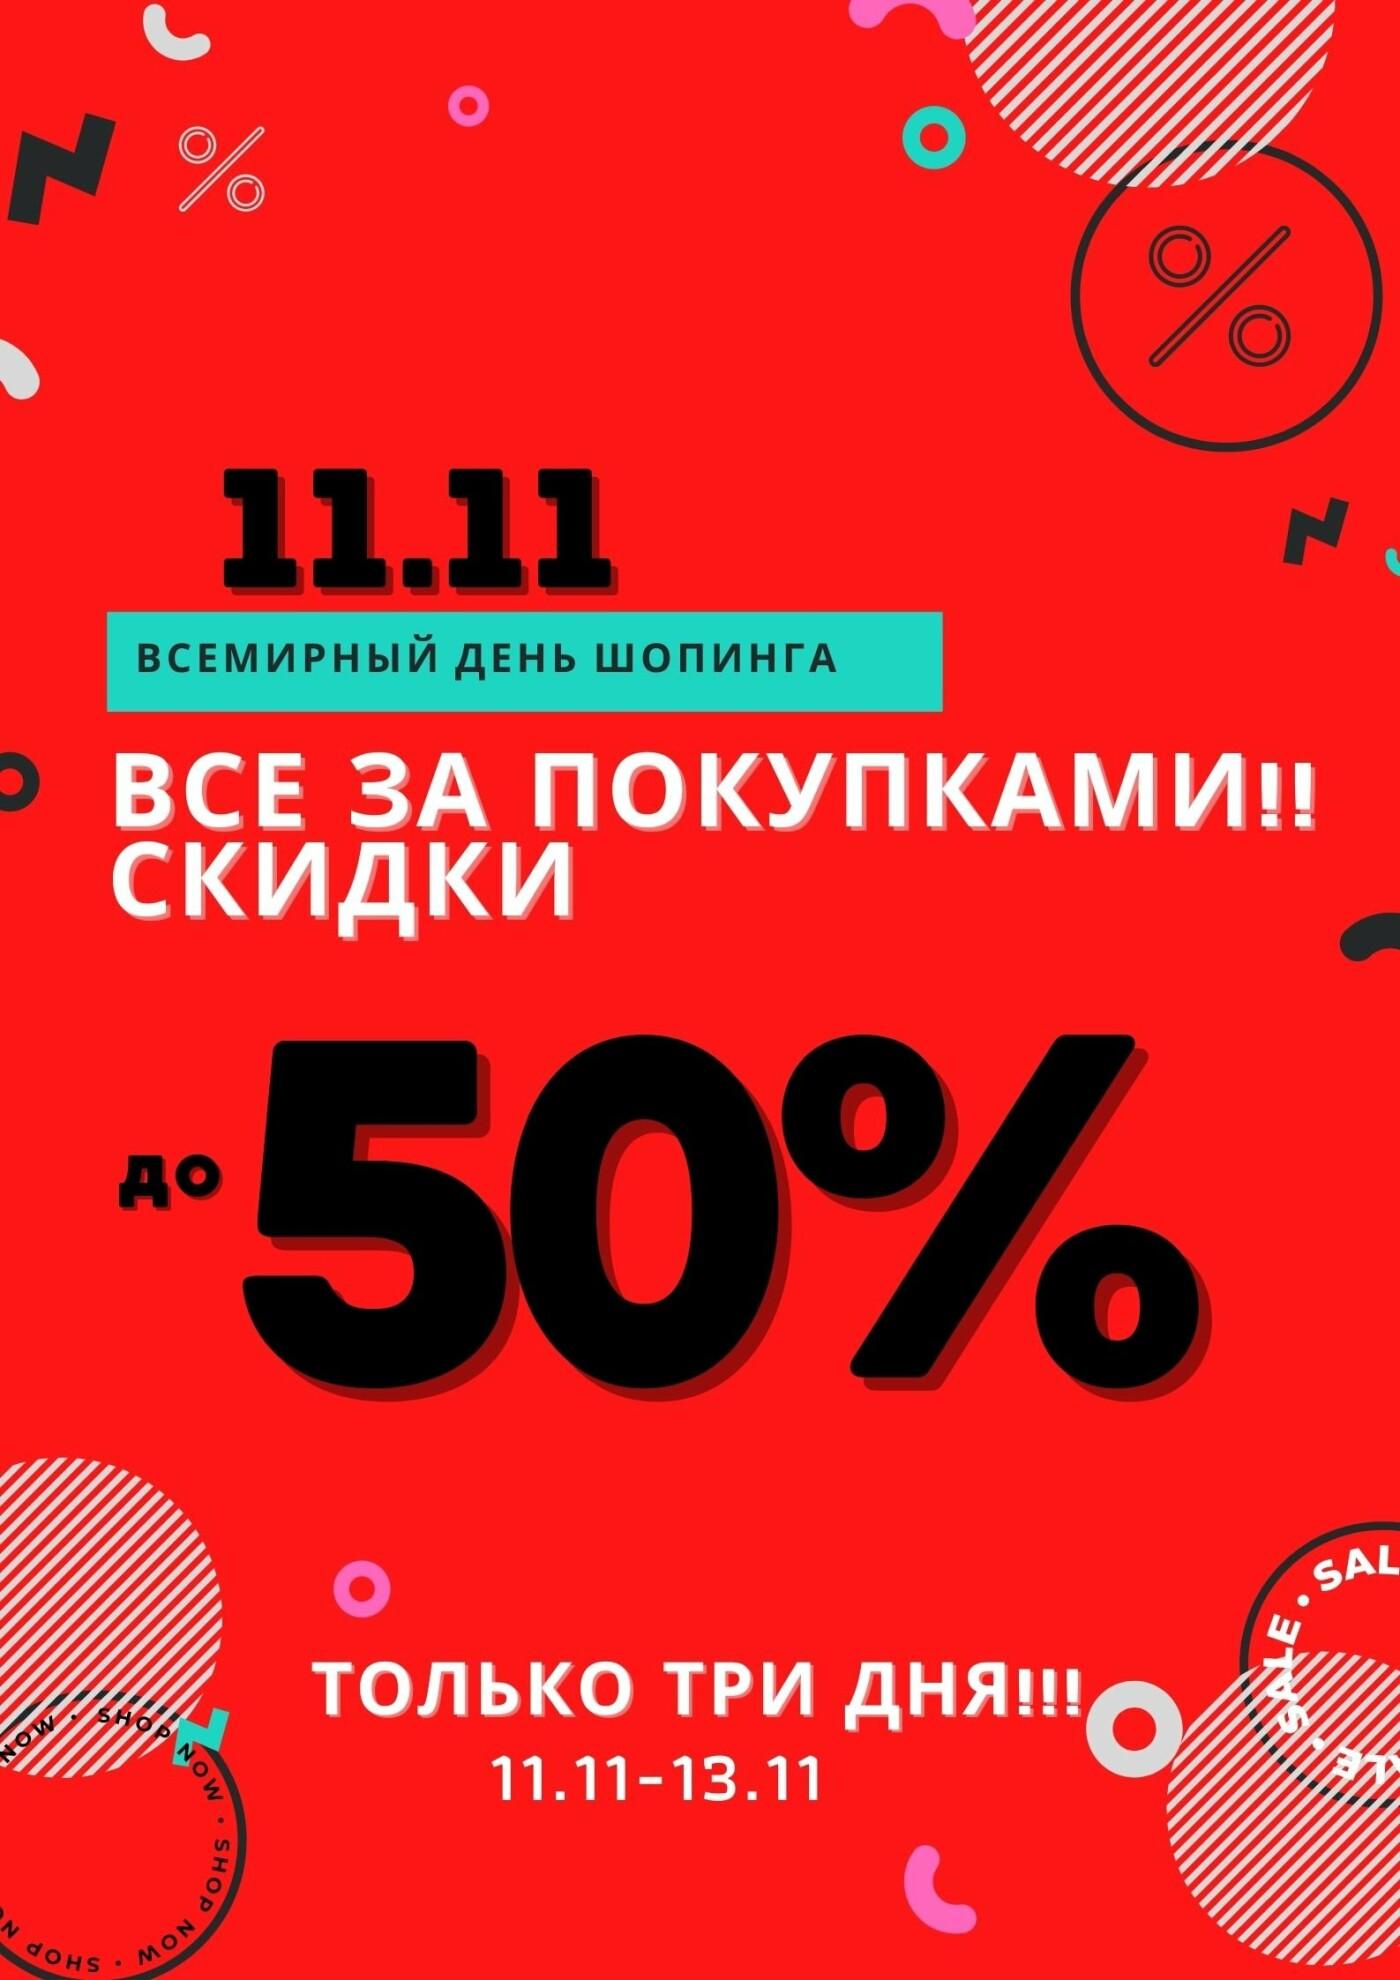 Любимый праздник для любителей шопинга во всем мире – 11.11 , фото-1